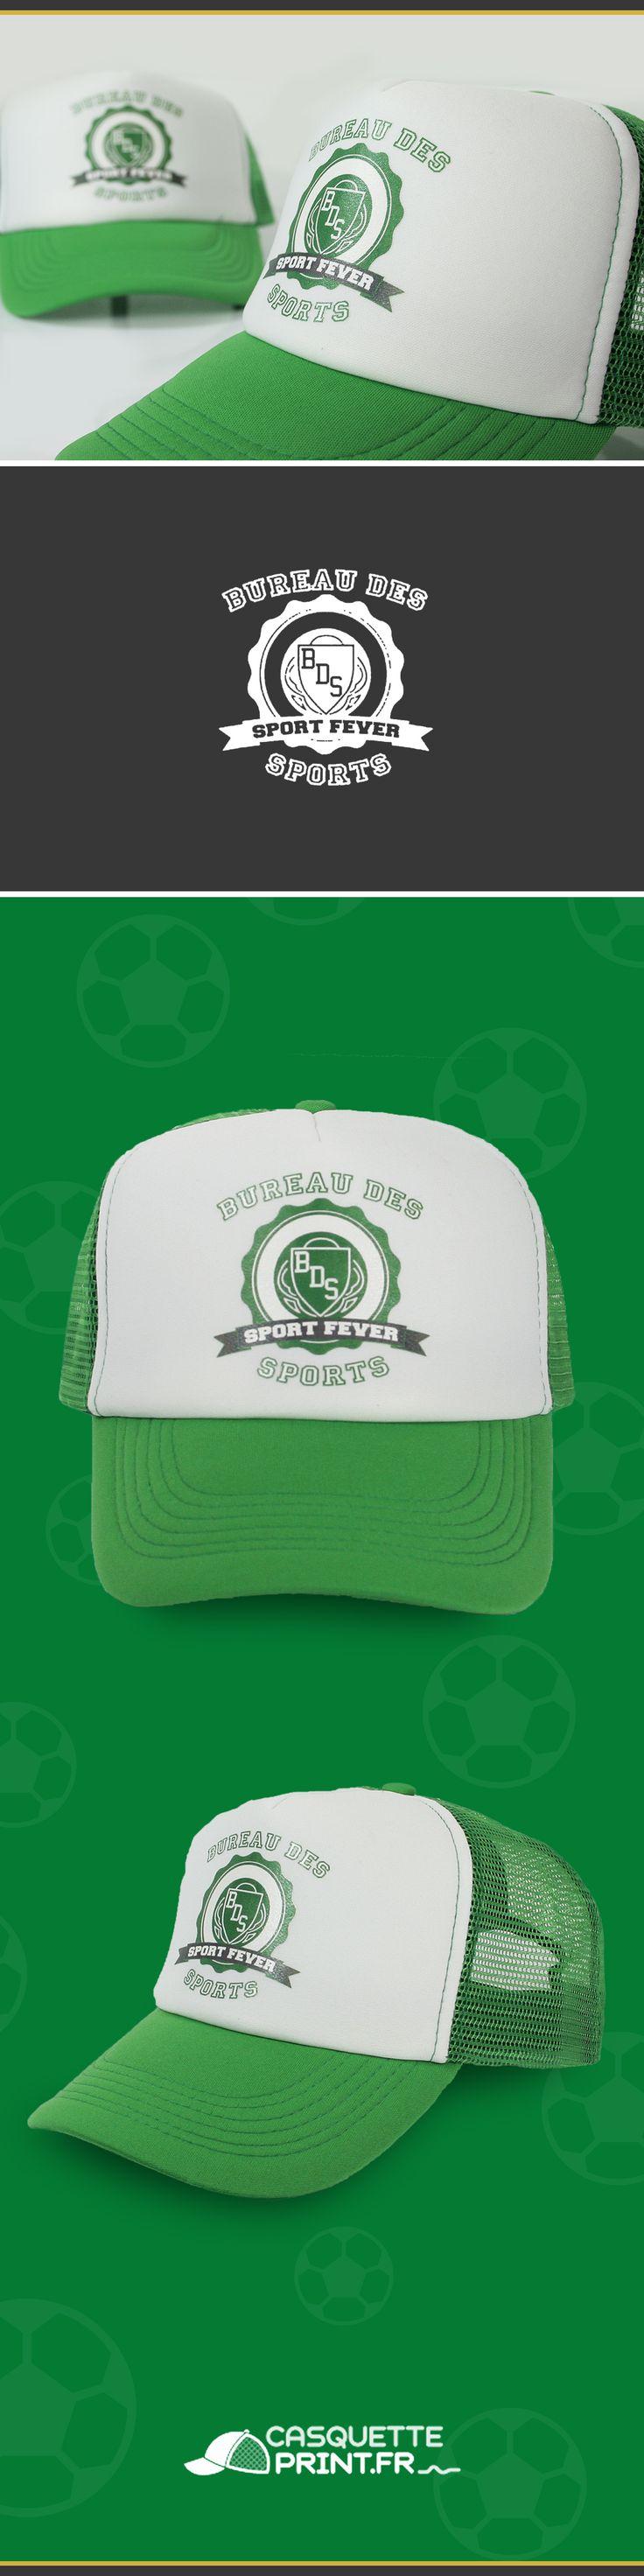 Casquette Trucker à personnaliser pour équipe de sport ou club sportif.  Créez votre casquette unique pour votre club de foot, basket ou tennis. #casquette #trucker #club #foot #sport #basket #football #soccer #green #truckerclassic #truckerjunior #casquettes #associations